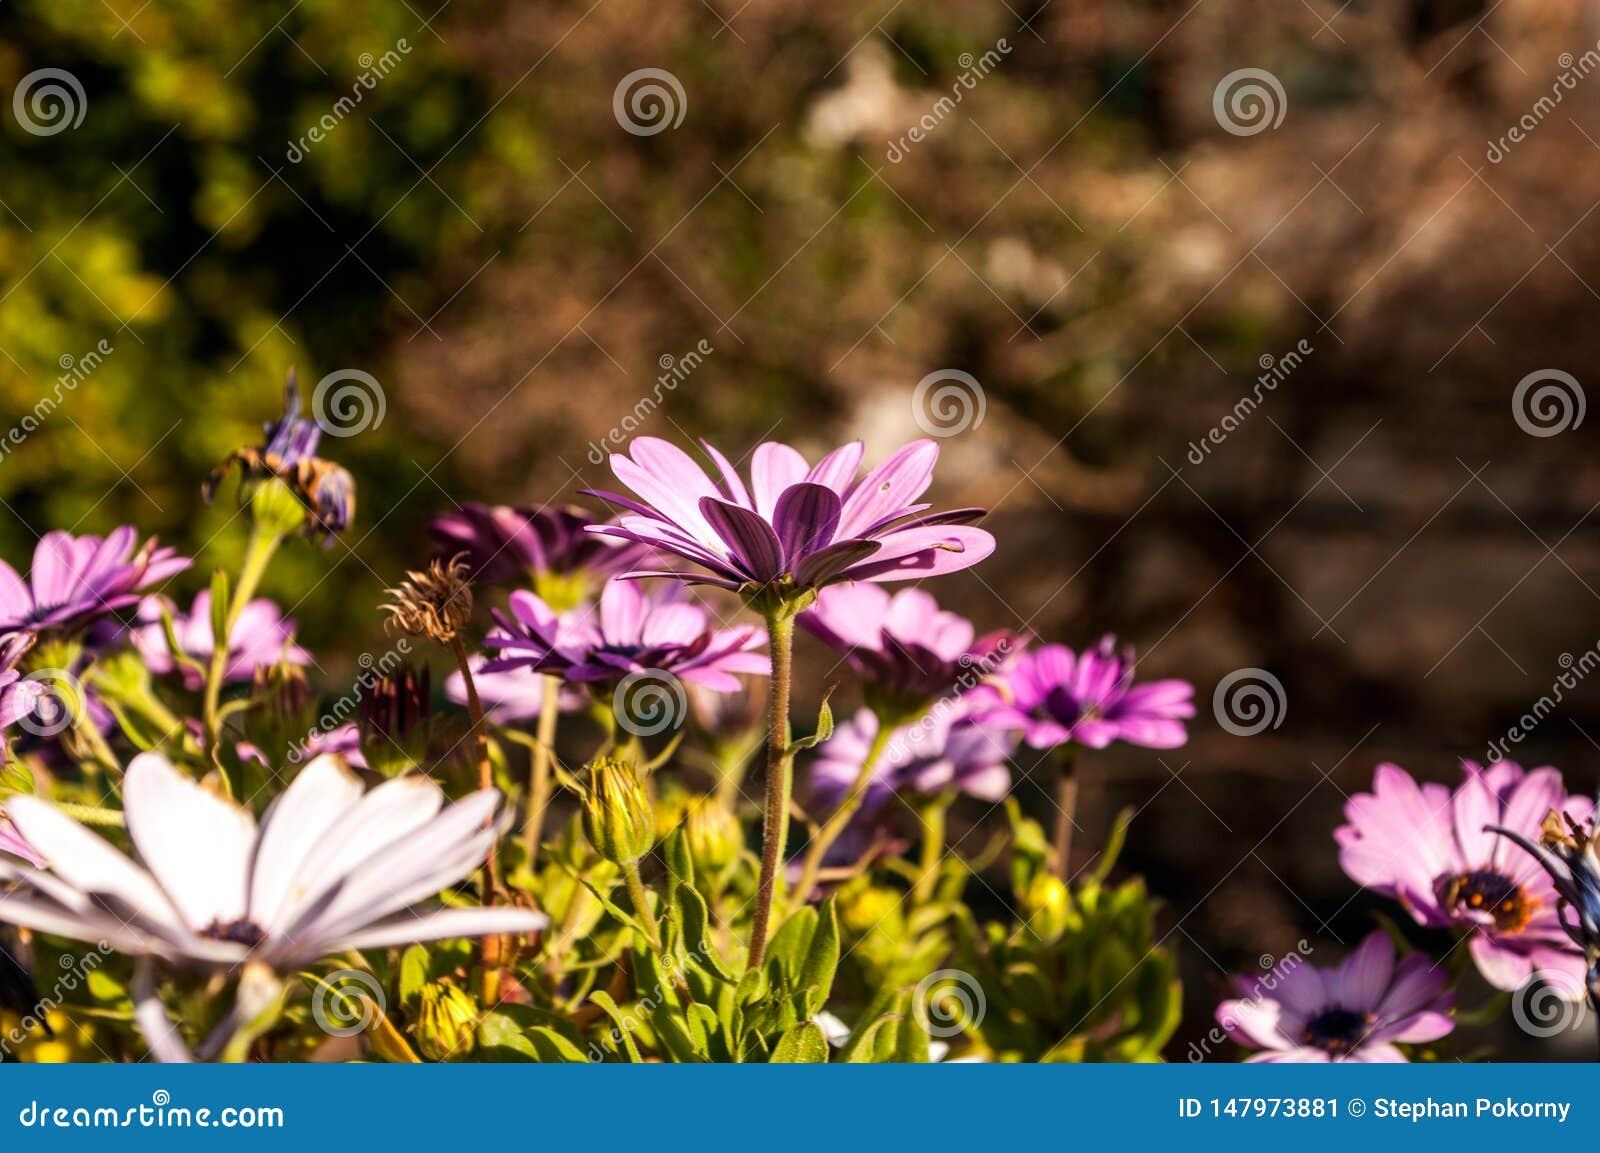 Flores roxas com fundo borrado